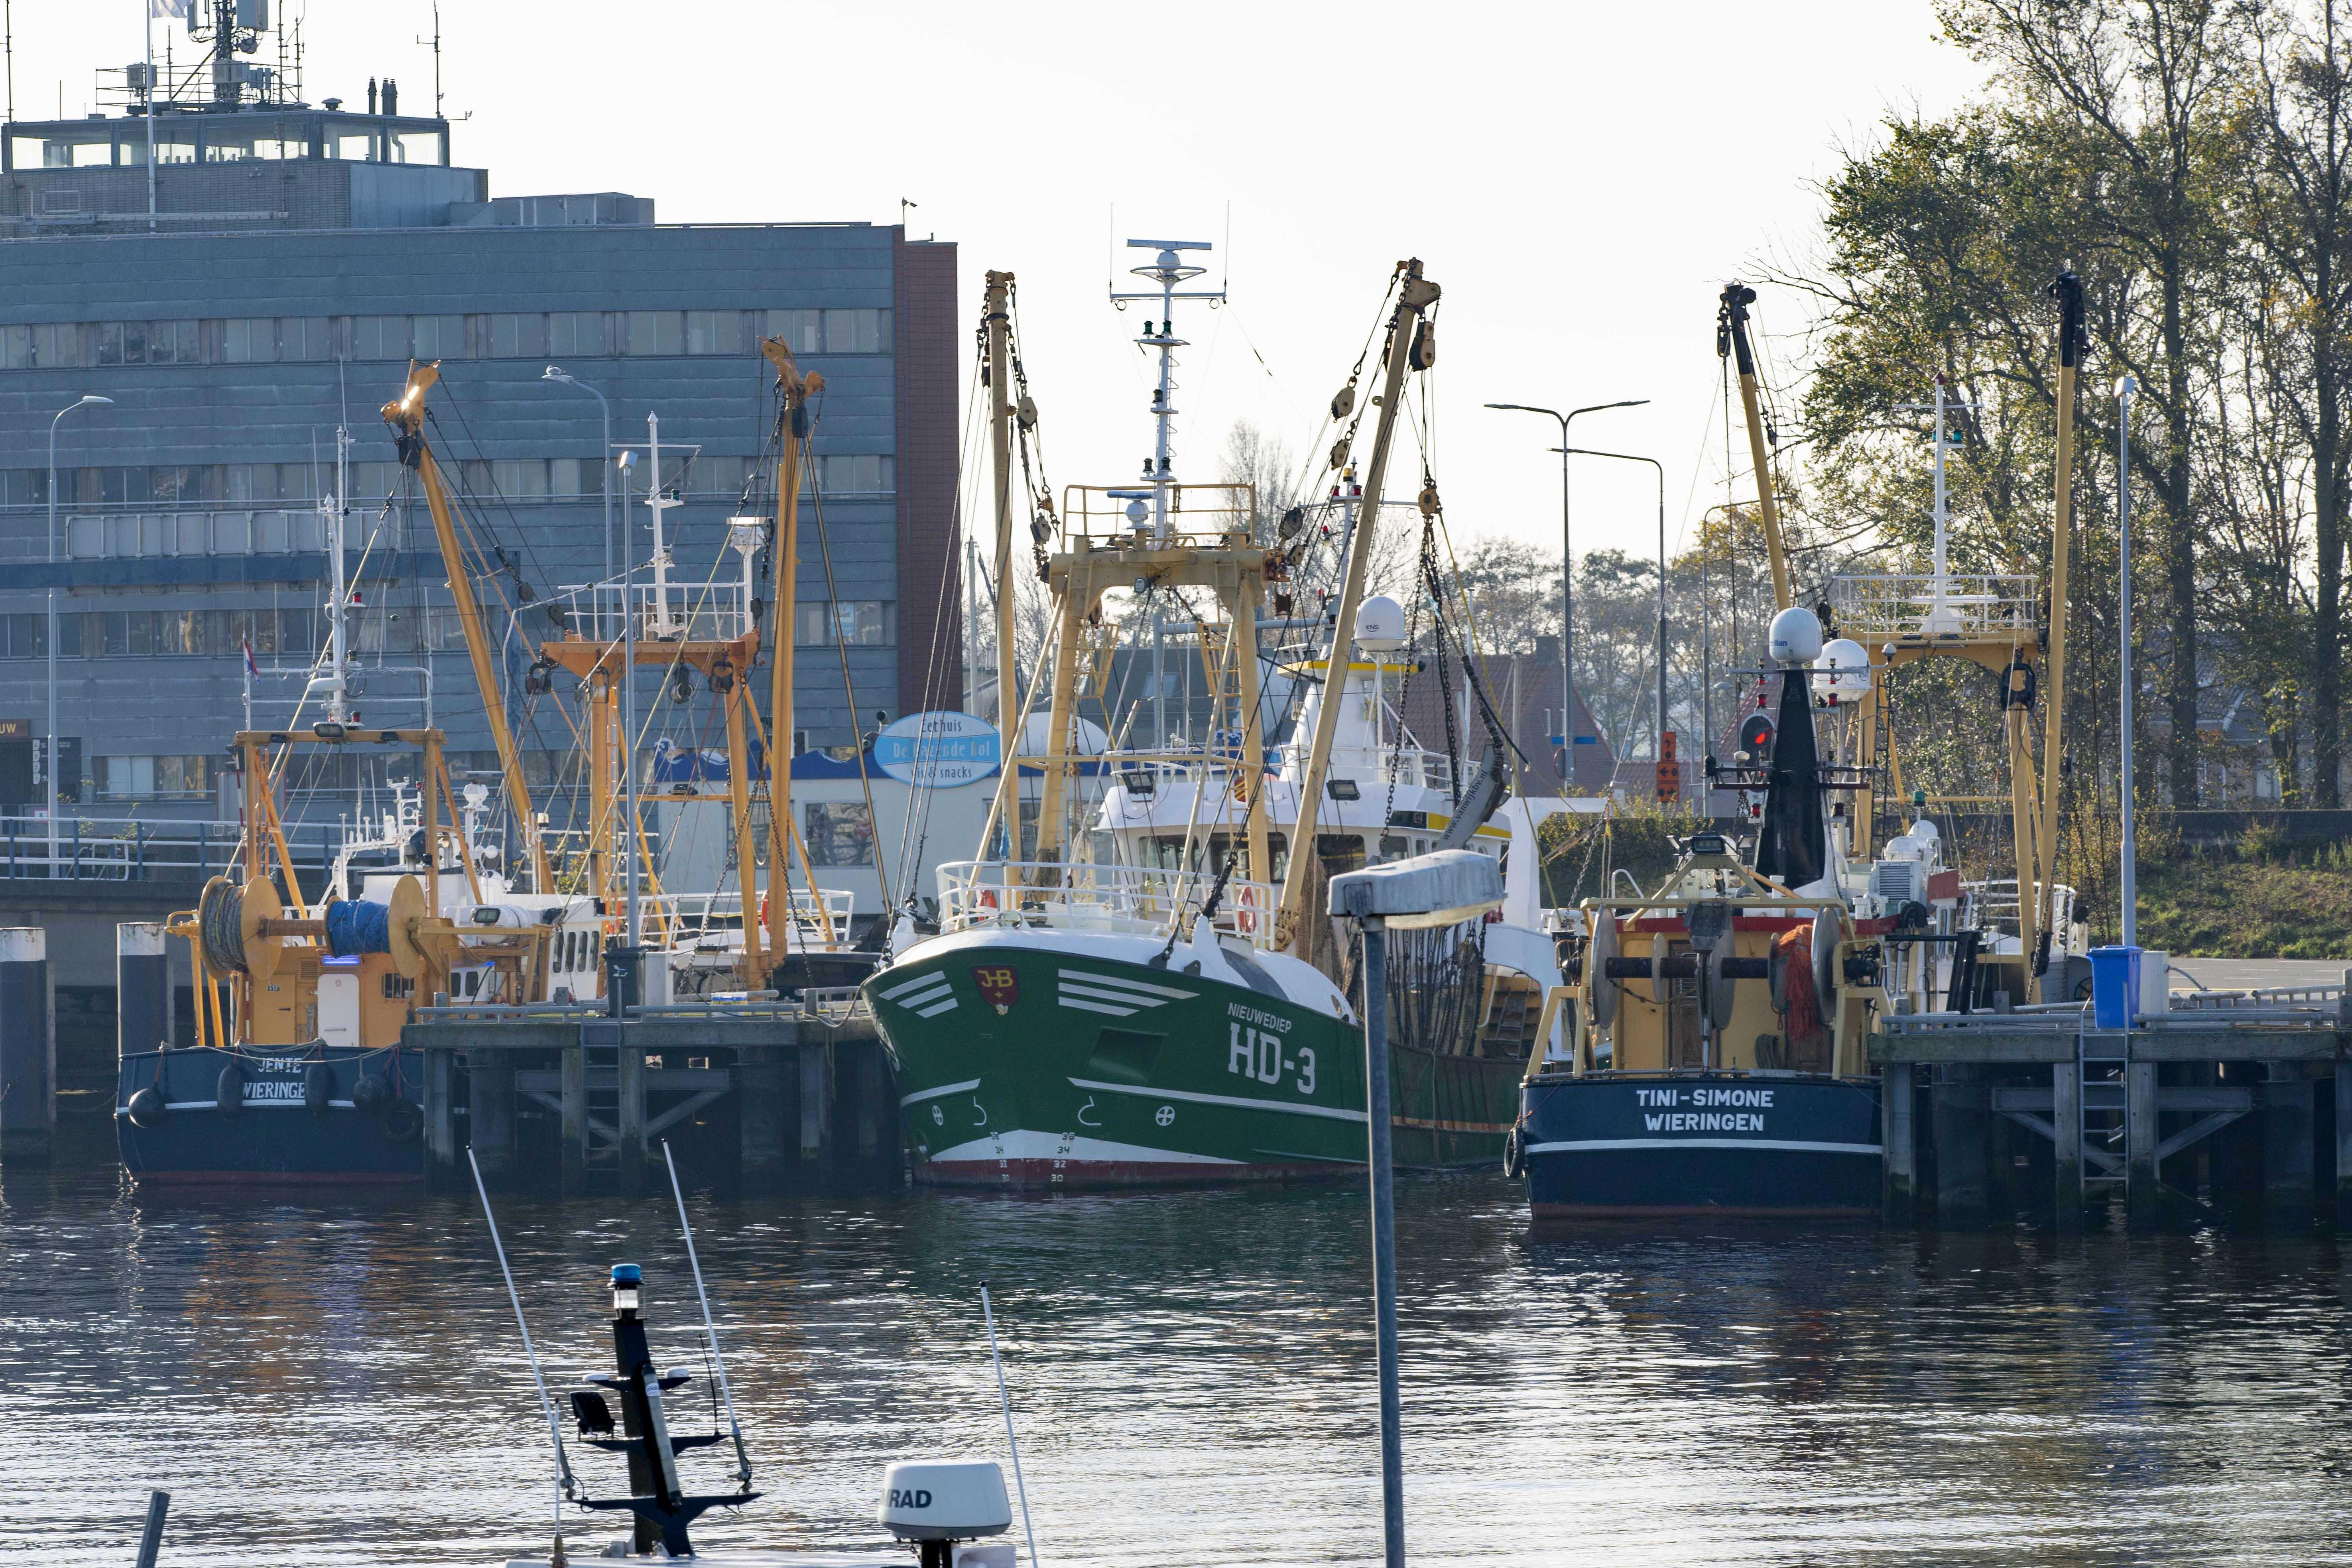 Visafslagen van Den Helder en Den Oever sluiten turbulent jaar af met flinke omzetdaling. 'Eerste helft van 2020 verliep dramatisch en daling in omzet was bizar'